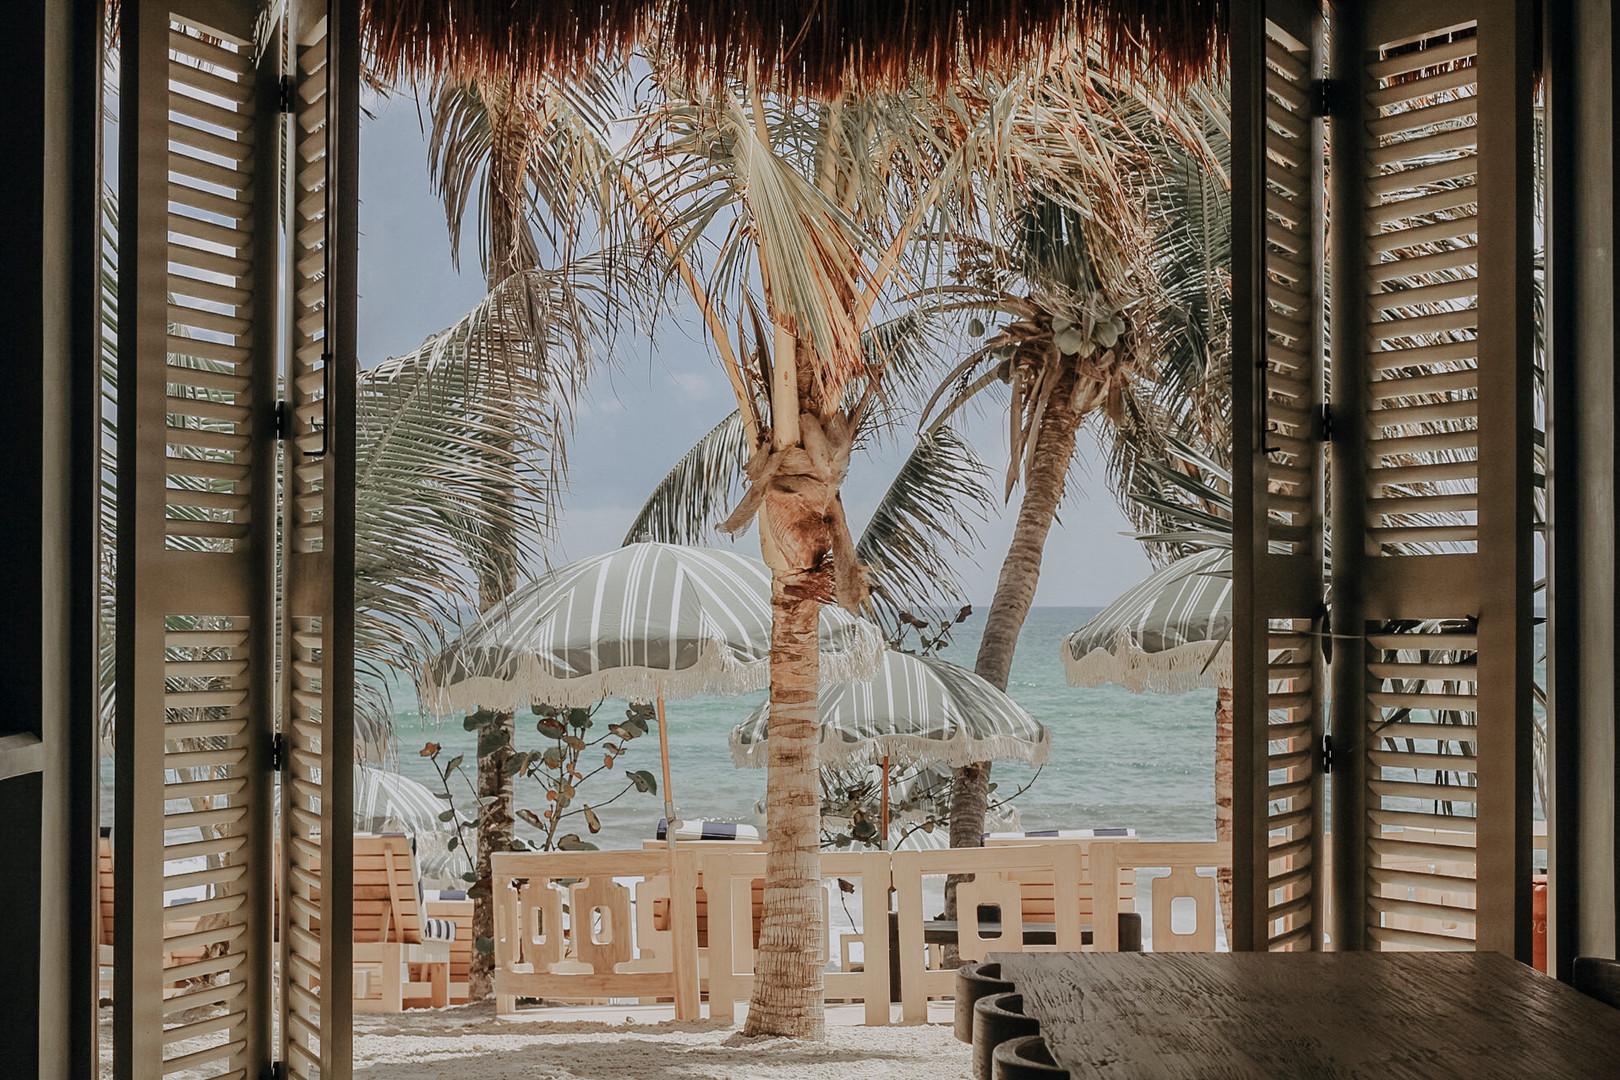 Thomas Do-Restaurant Beach view.jpg